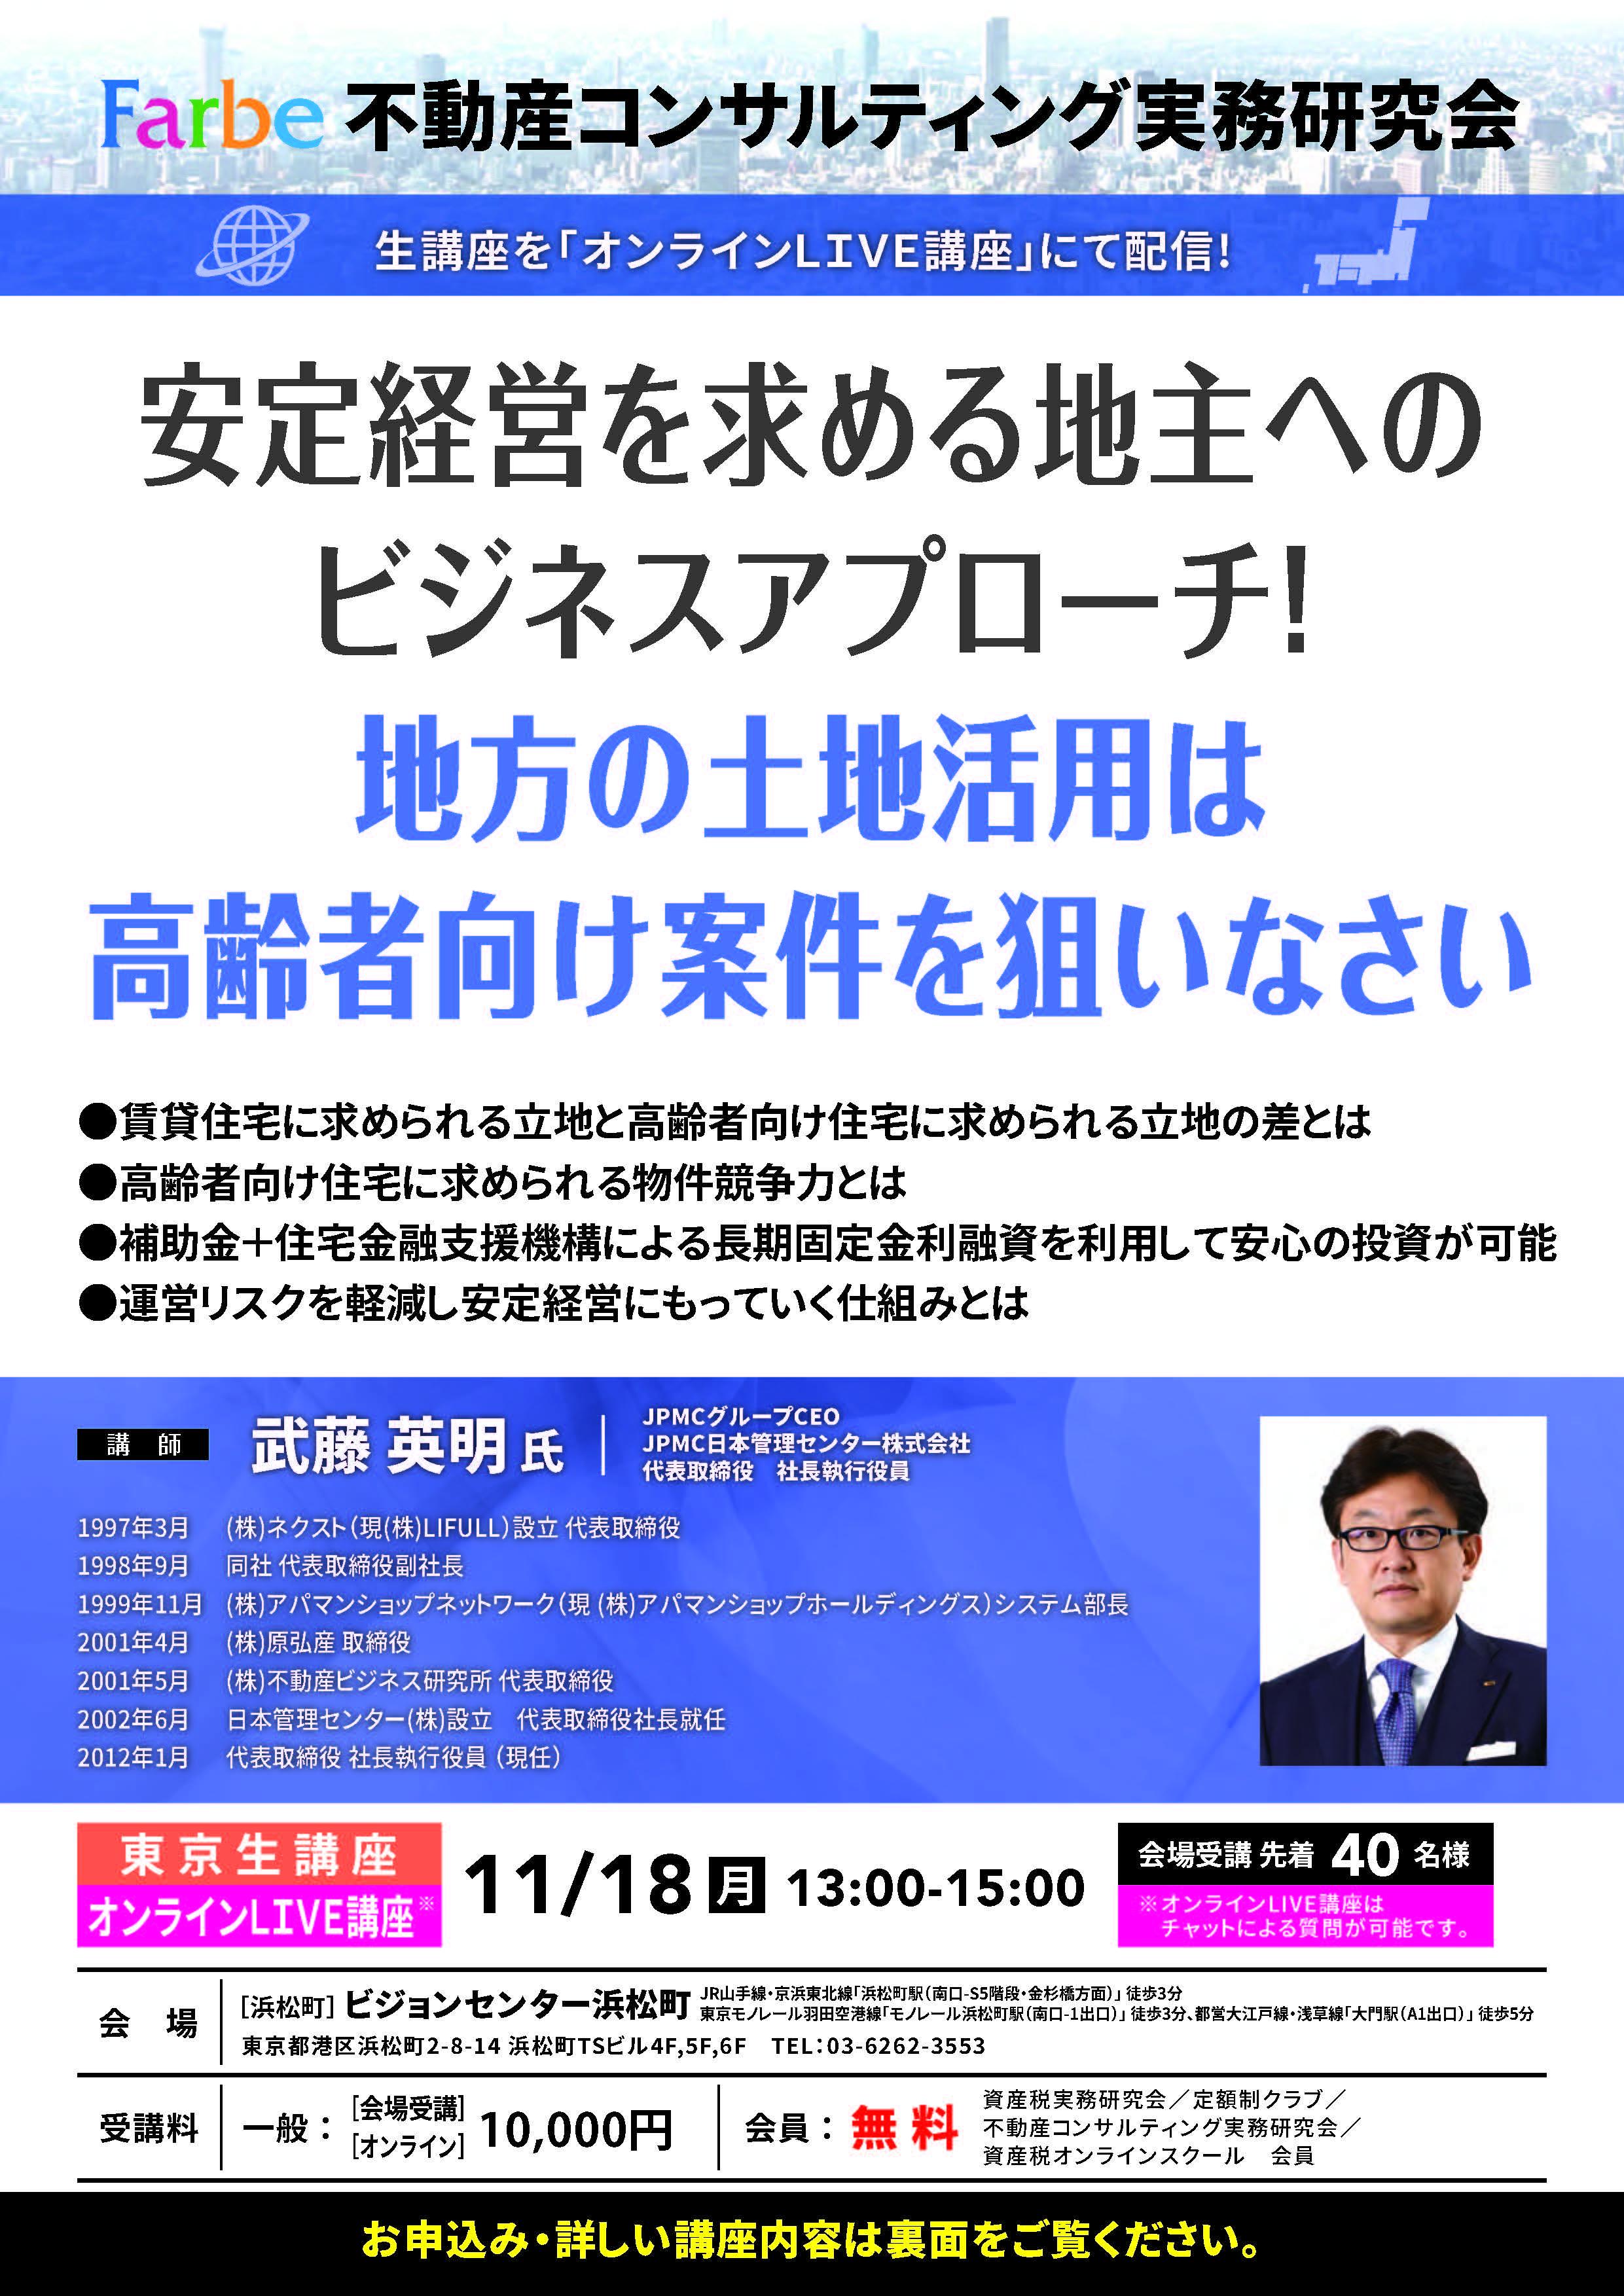 【不動産コンサルティング実務研究会 定例会】